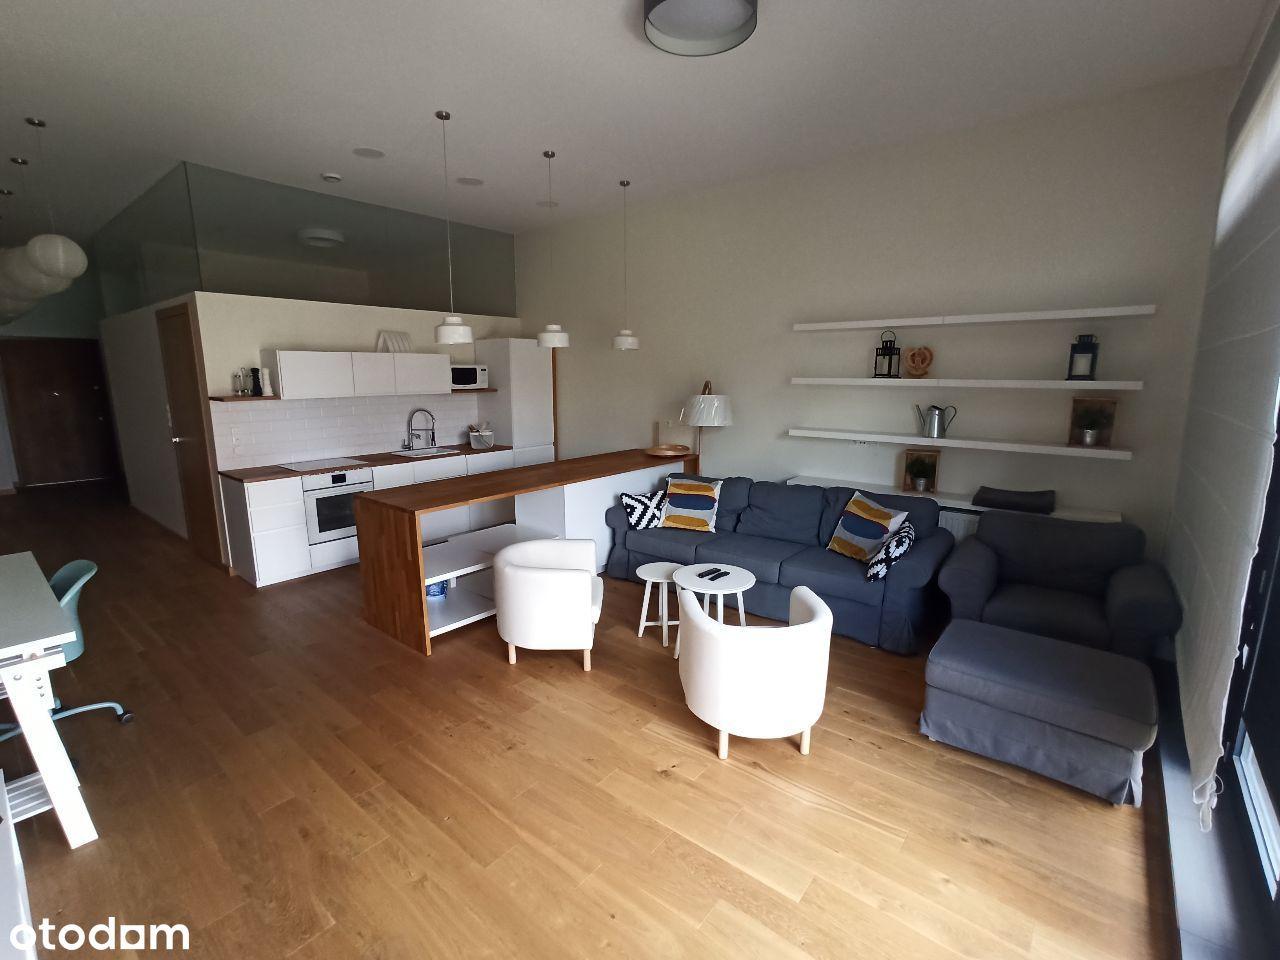 Mieszkanie wynajem/zakup od Zaraz loft u Scheibler